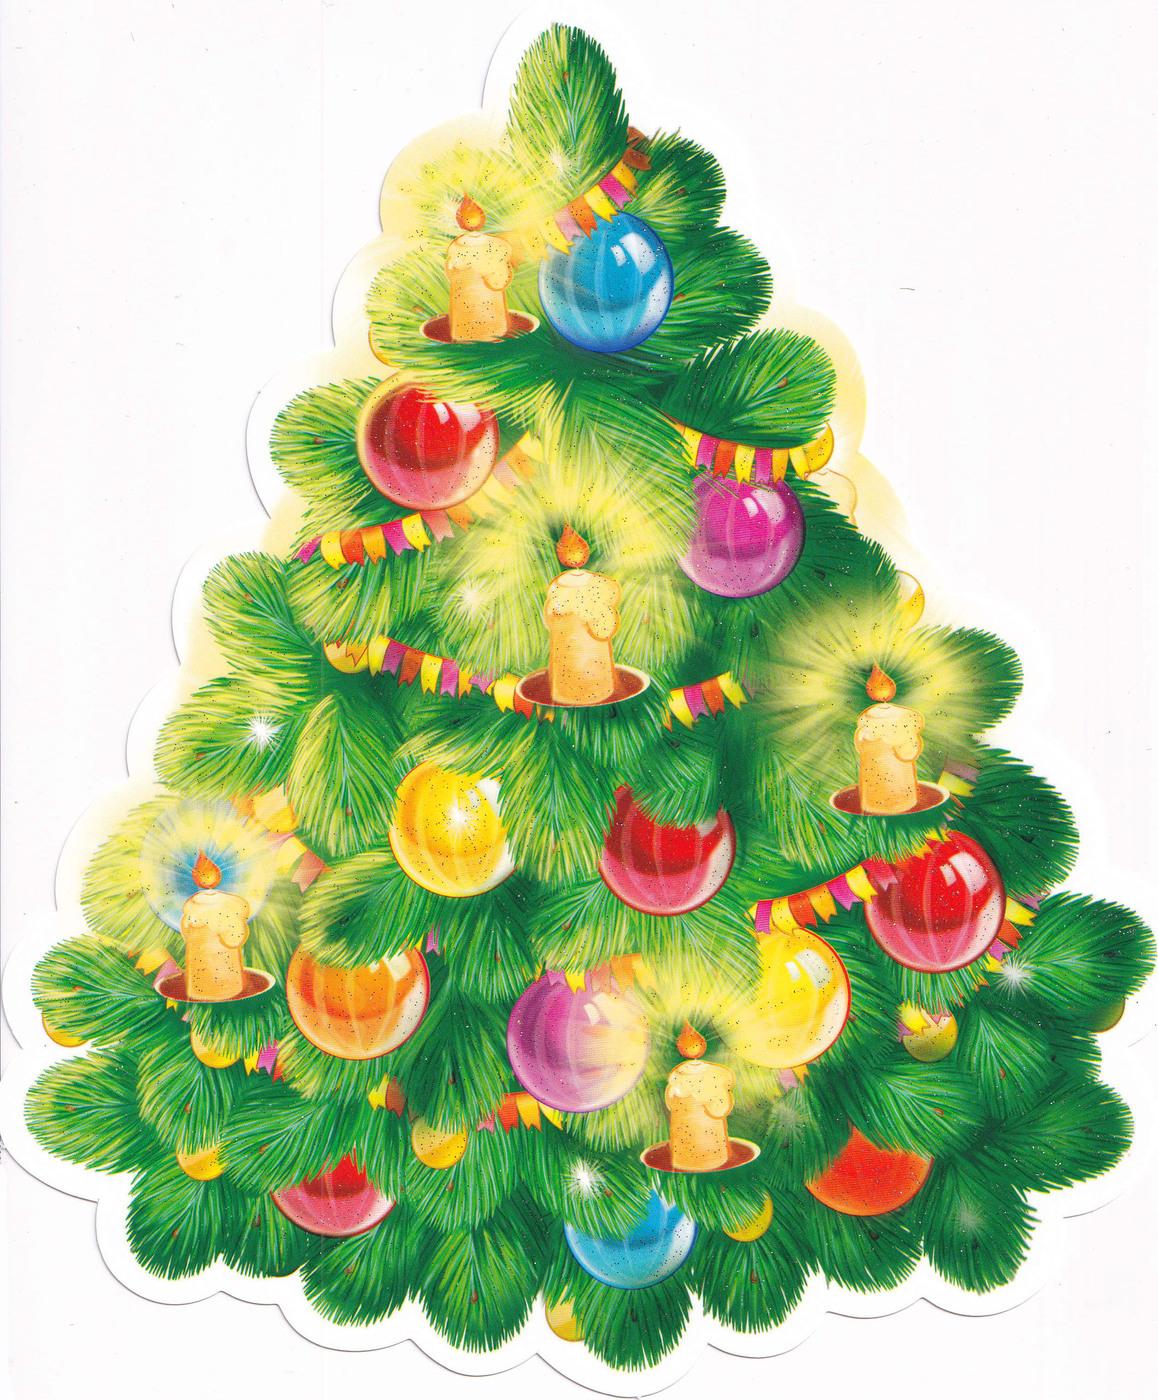 Постер с новогодними елками